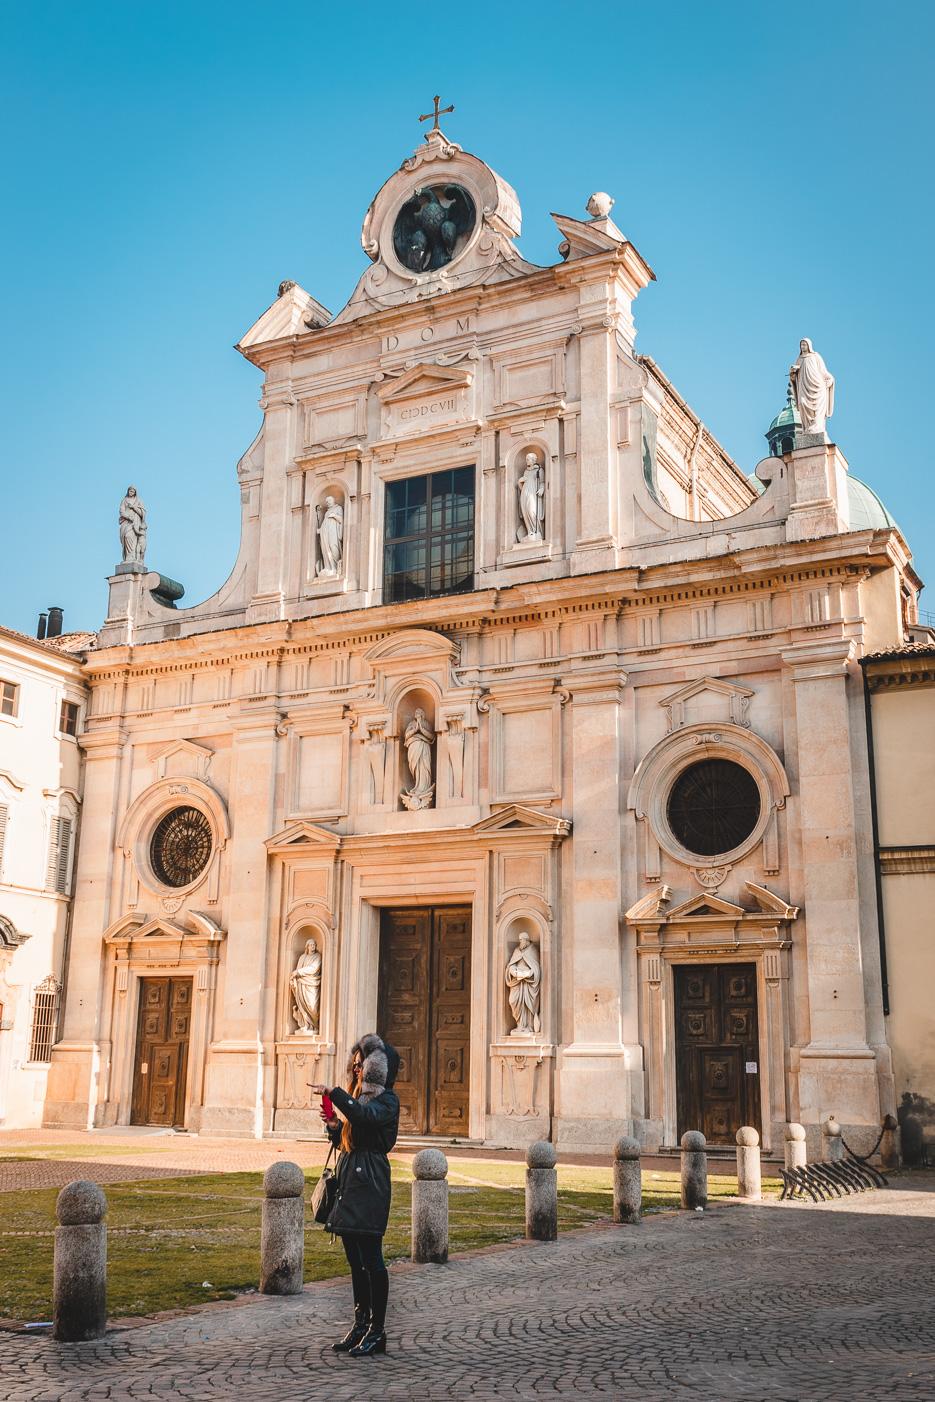 parma italien chiesa di san giovanni evangelista emilia romagna tipps reise